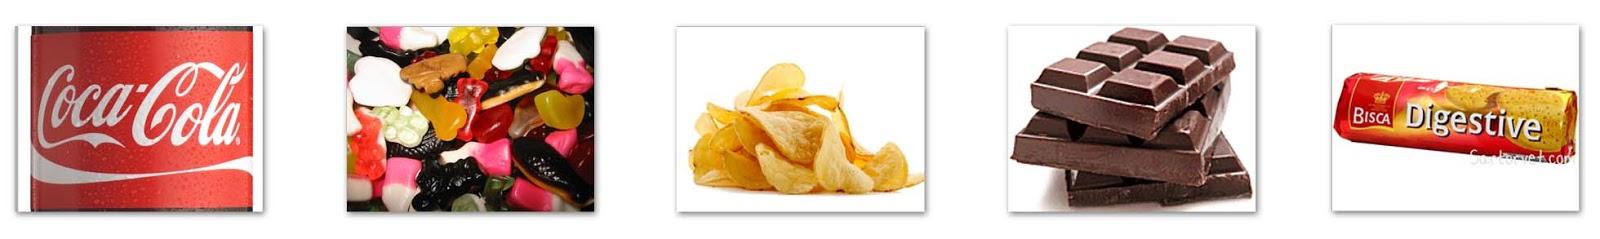 digestive kiks kalorier